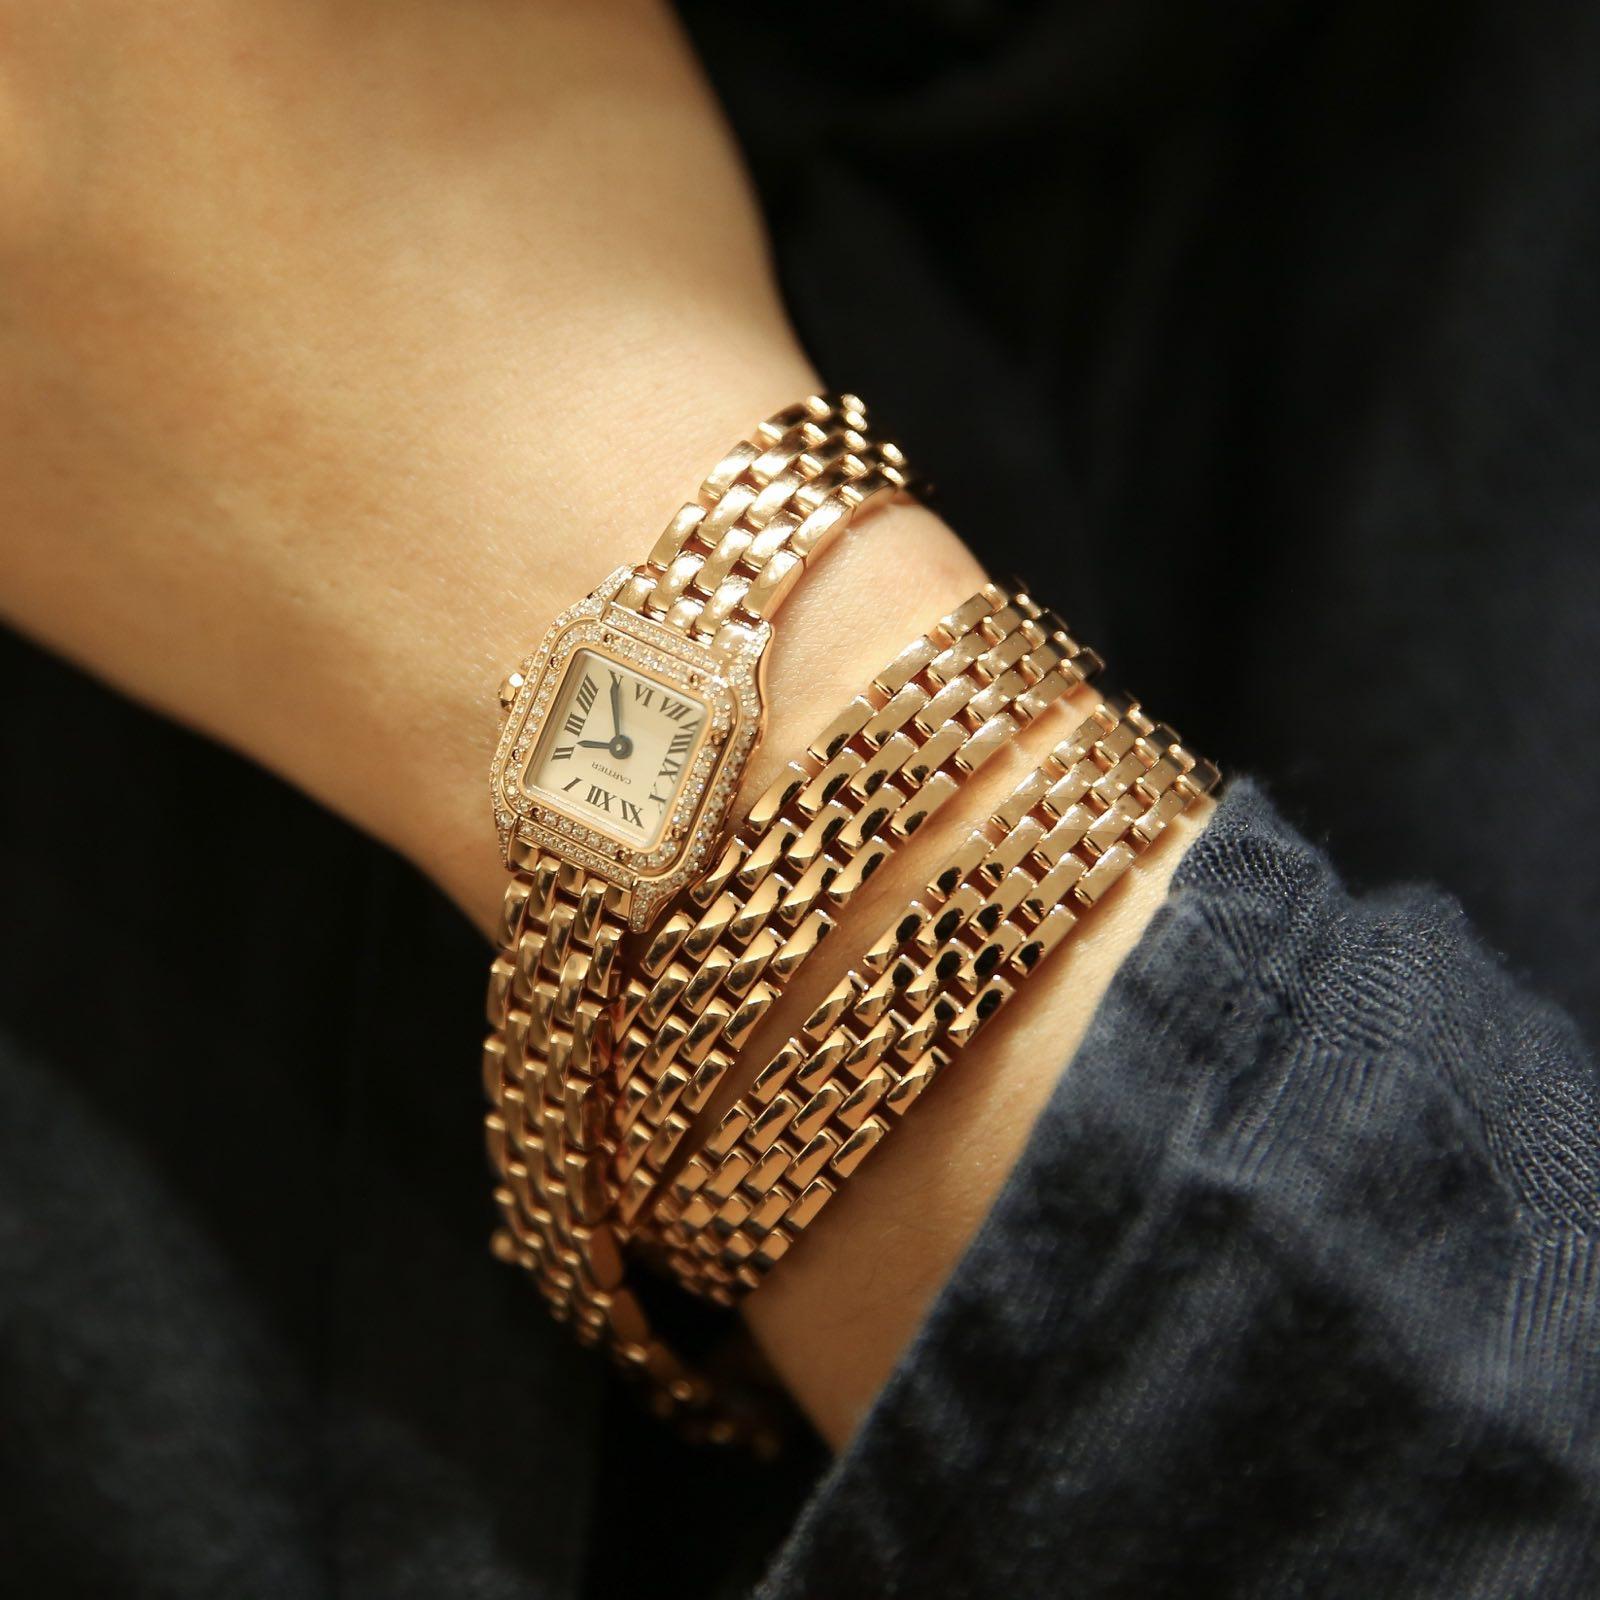 卡地亚 Panthère de Cartier猎豹三圈腕表